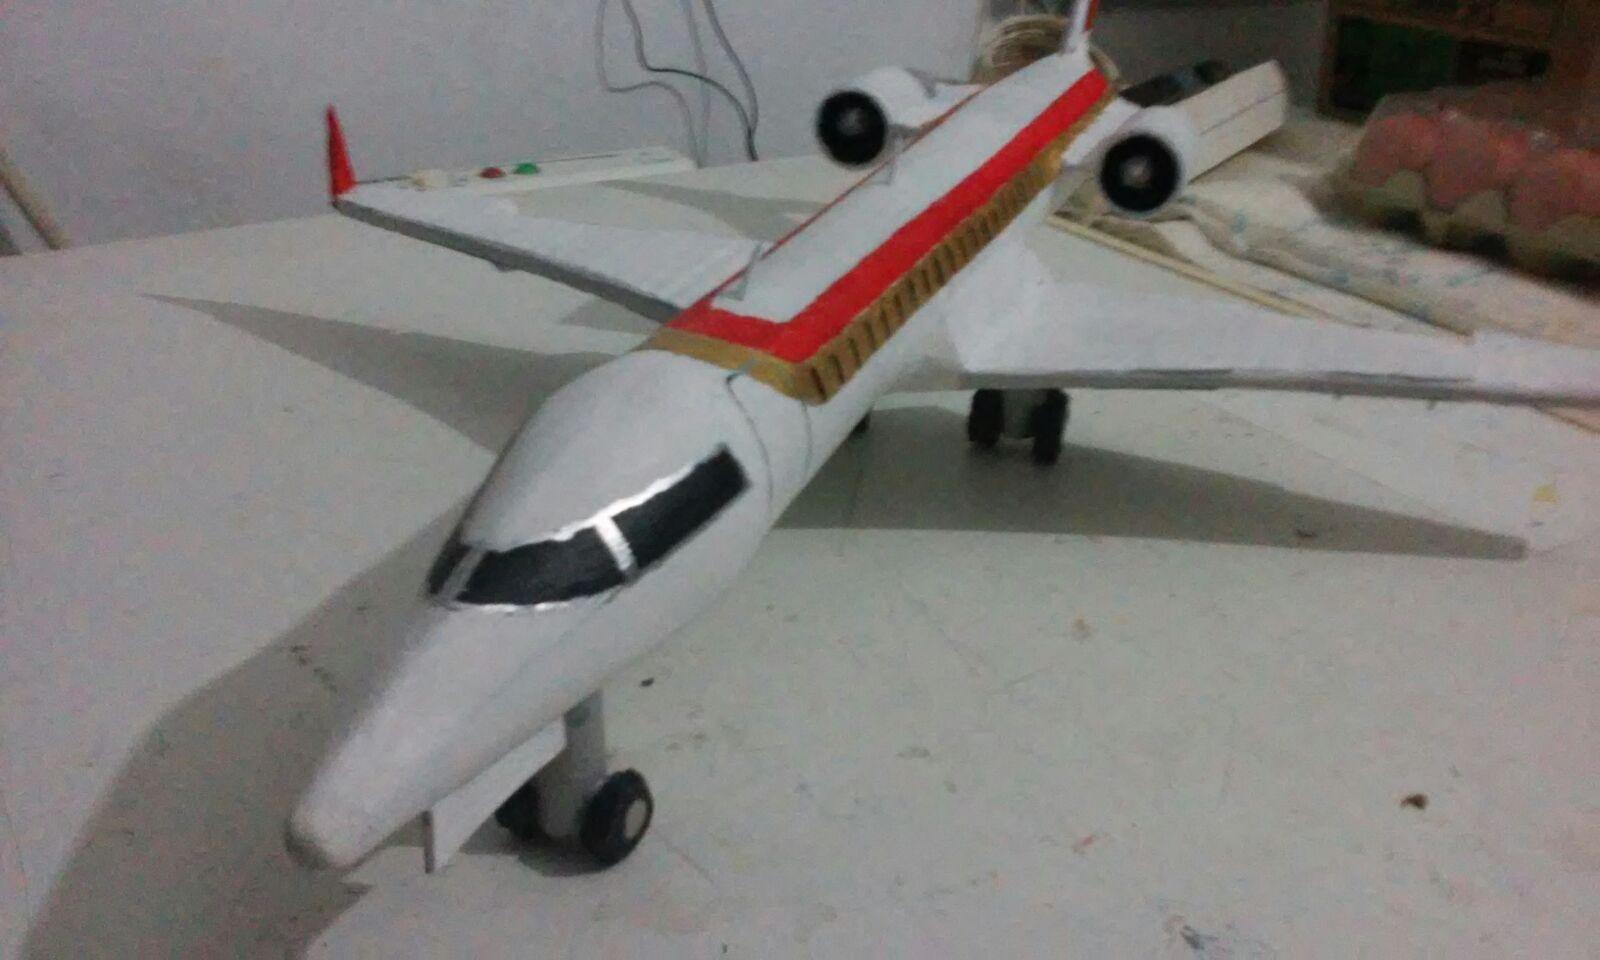 Avion en carton reciclado manualidades en casa pinterest - Manualidades en carton ...